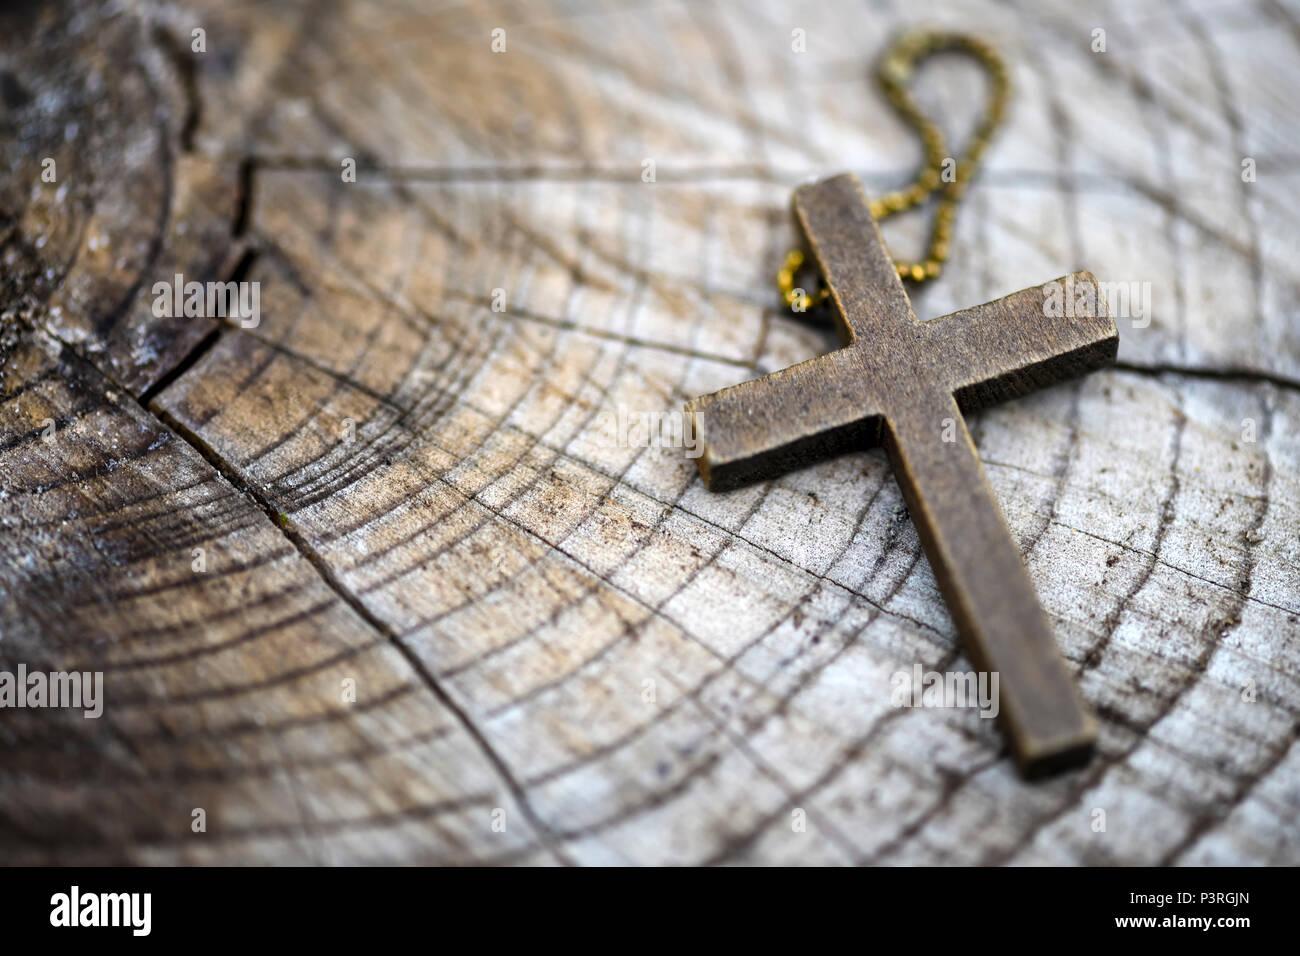 Wooden cross, Hölzernes Kreuz - Stock Image